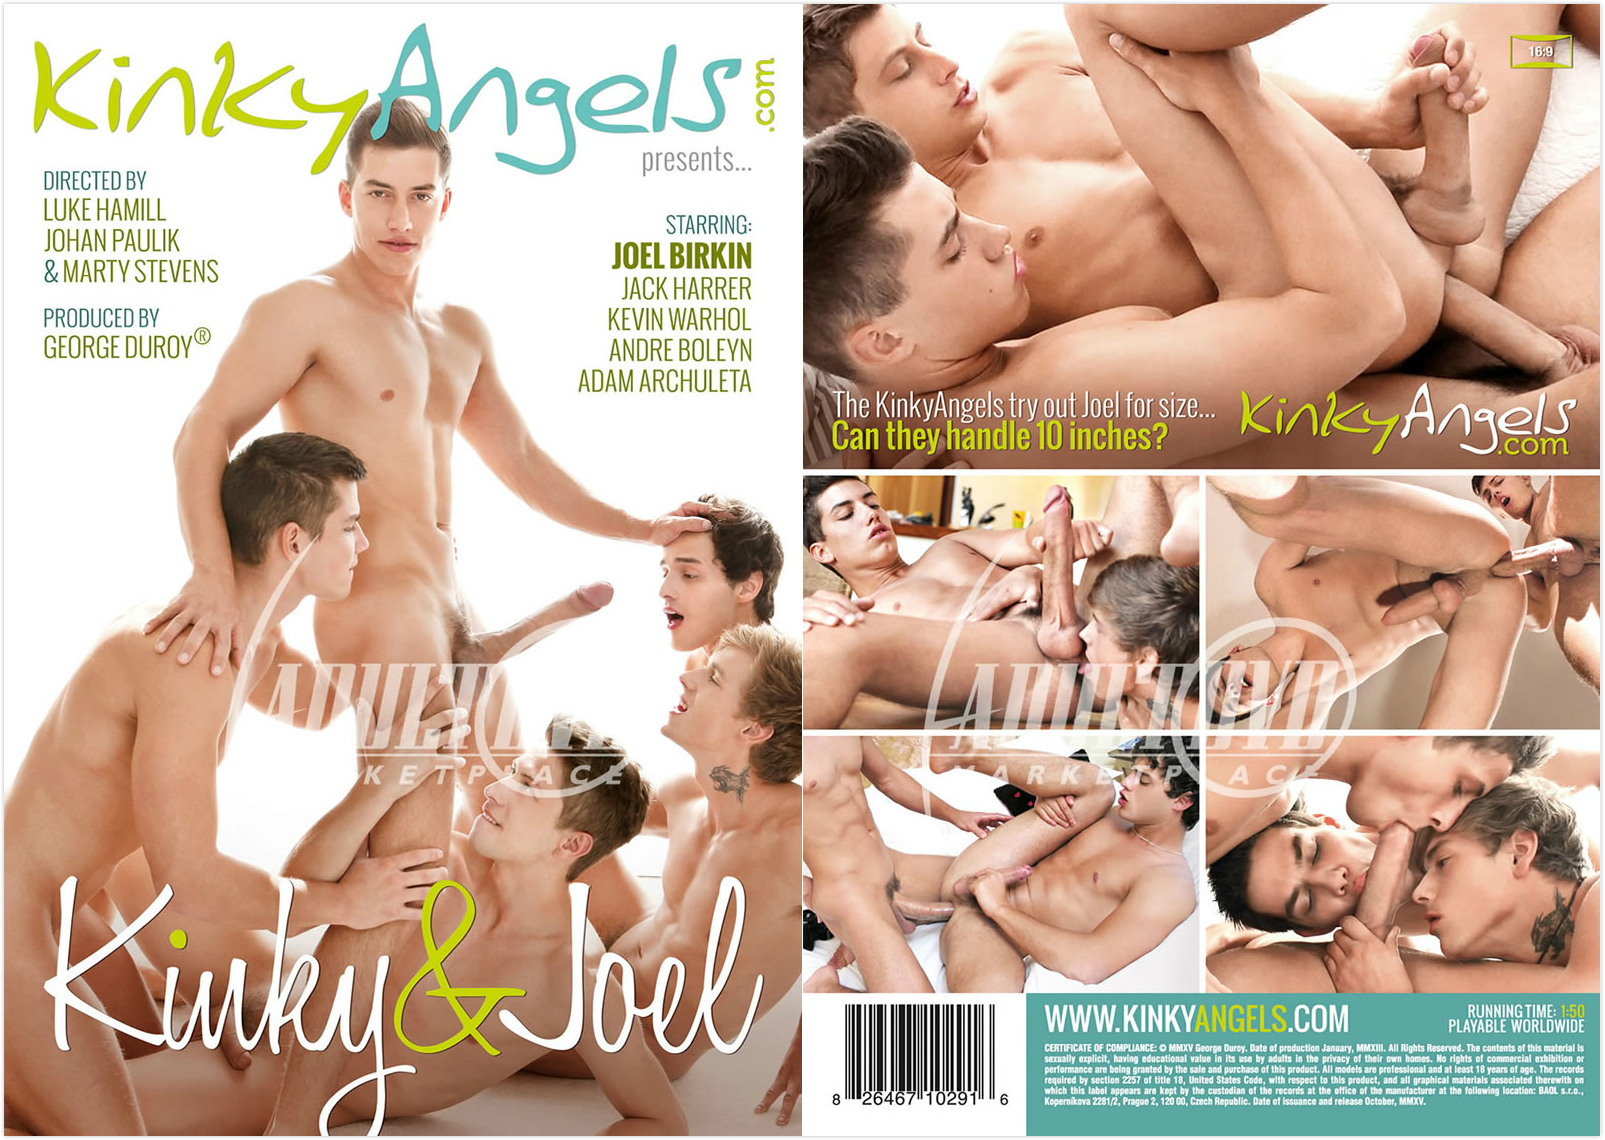 KinkyAngels – Kinky & Joel